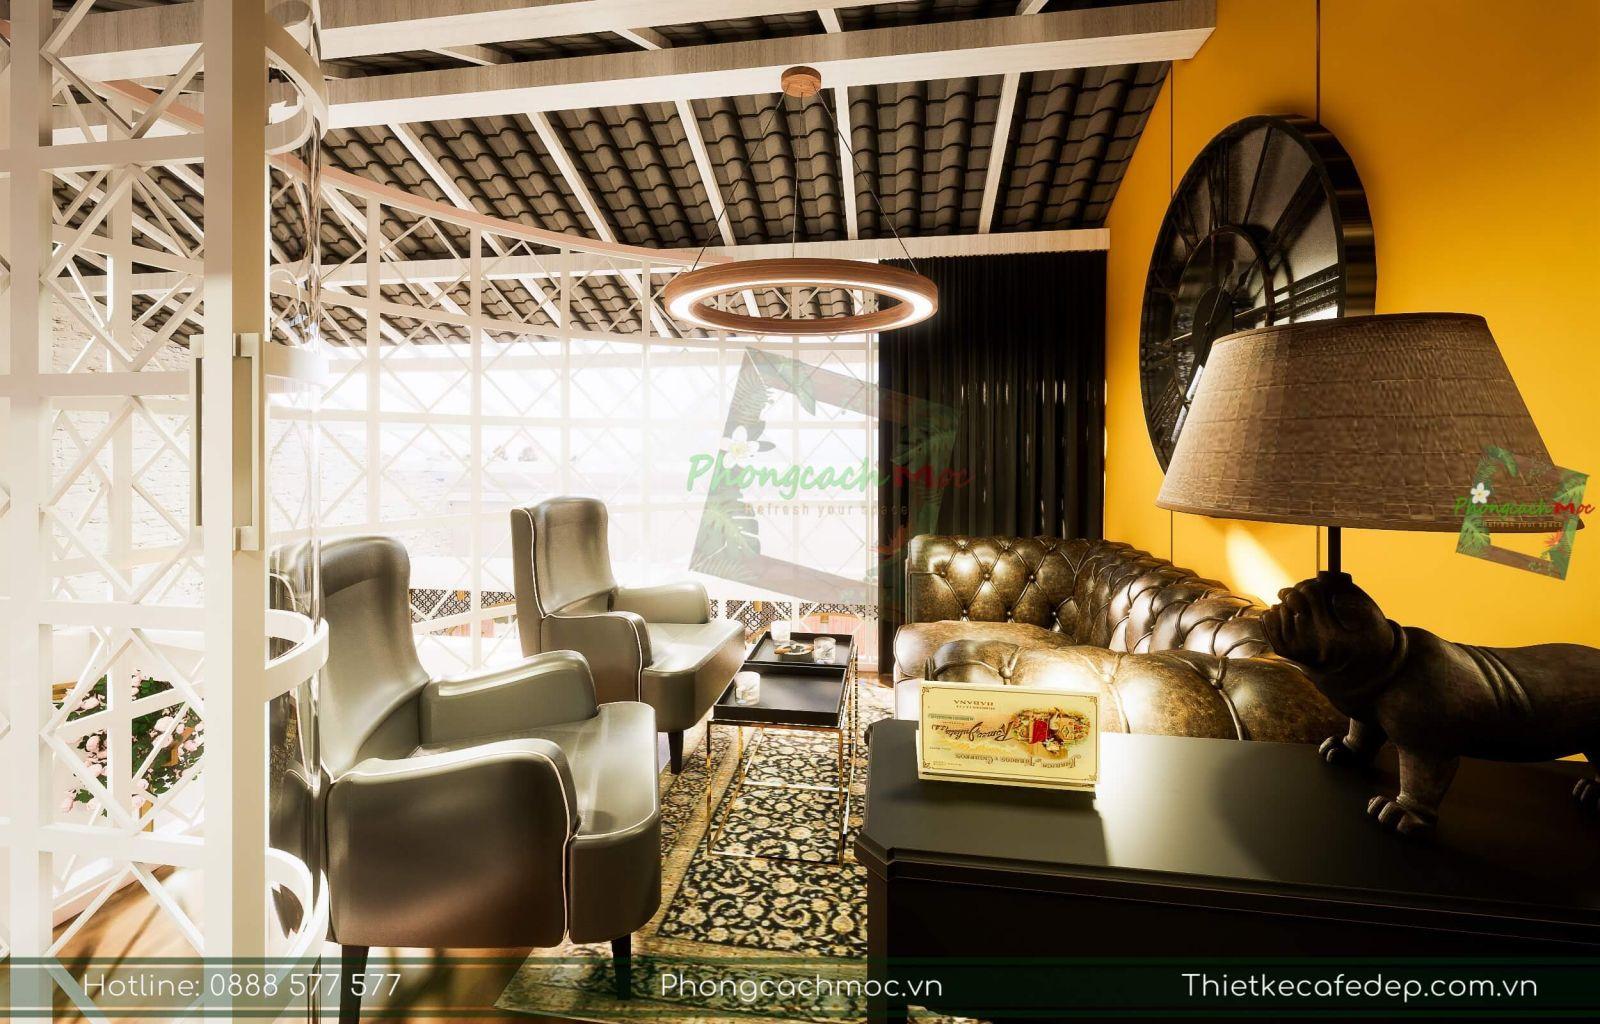 bày trí nội thất quán cà phê chủ đề tân cổ điển